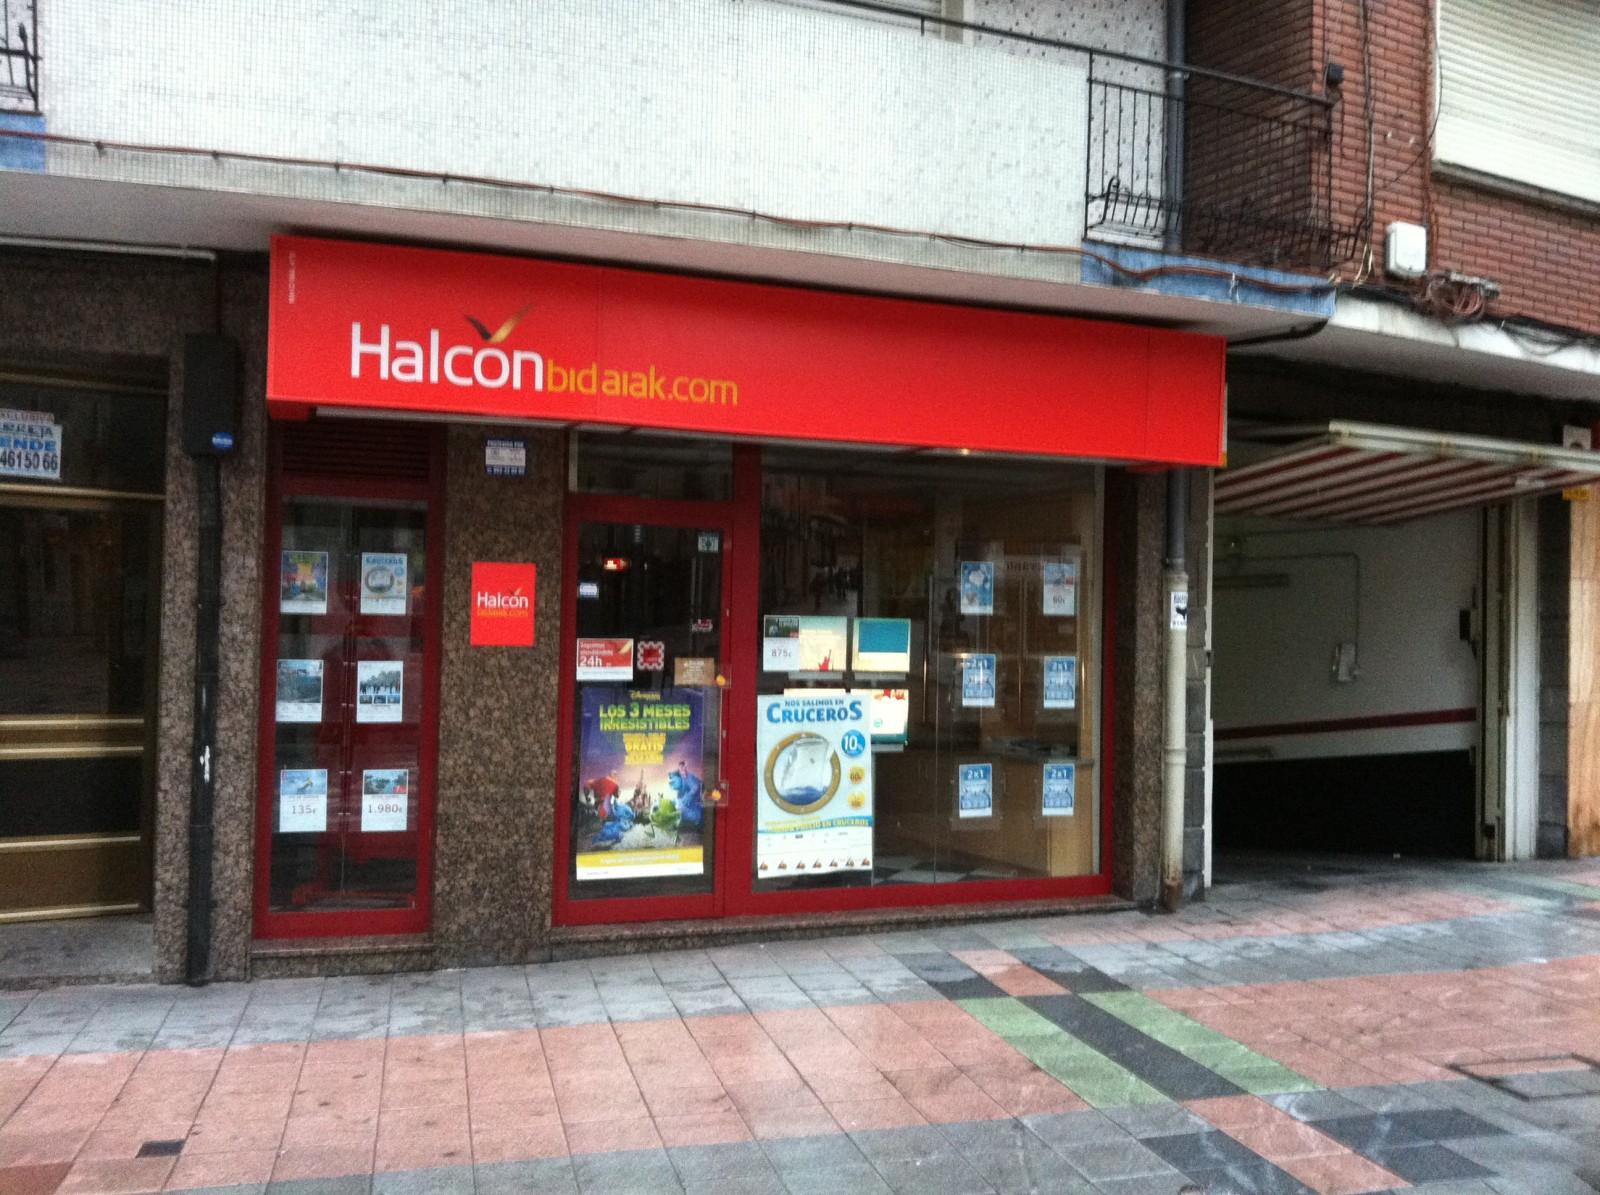 Halc n viajes ser la agencia oficial de la real sociedad nexotur - Oficinas viajes halcon ...